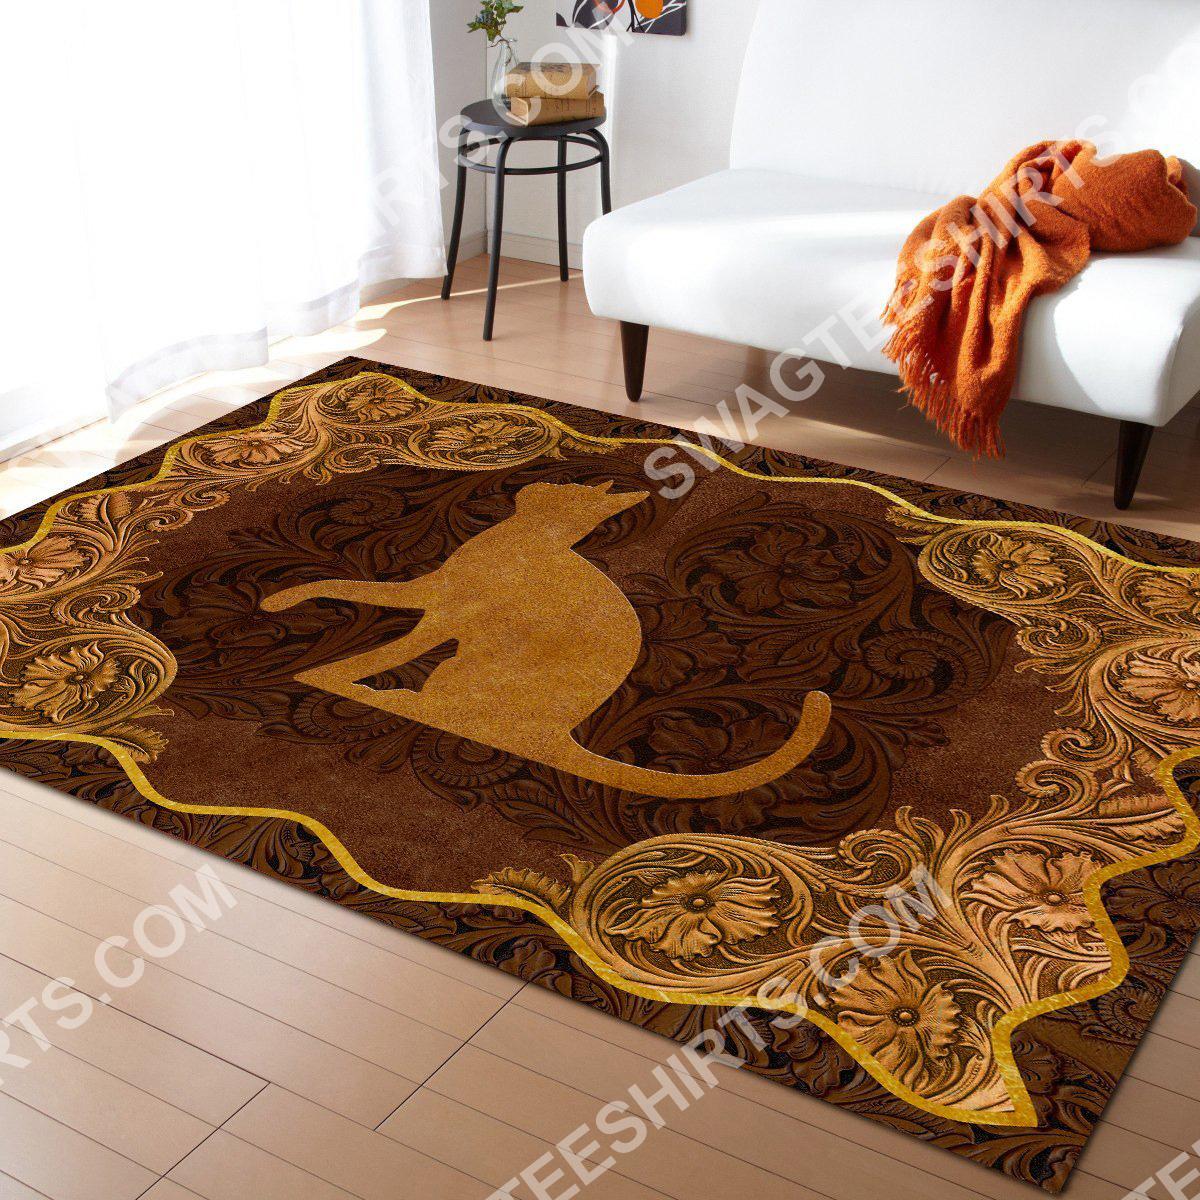 vintage cat antique golden all over printed rug 3(1)